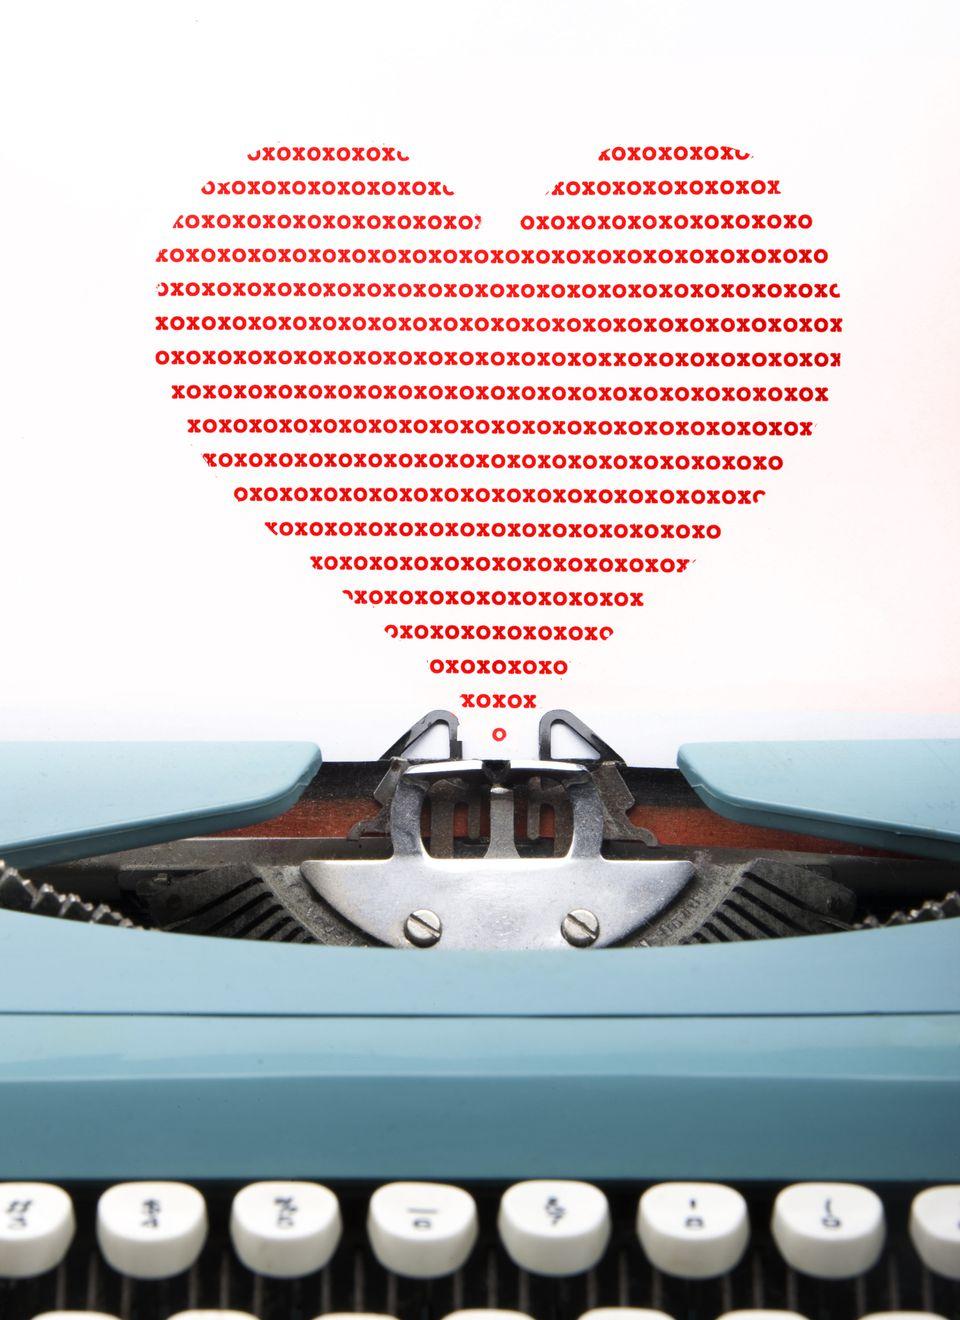 Typed heart of xoxo